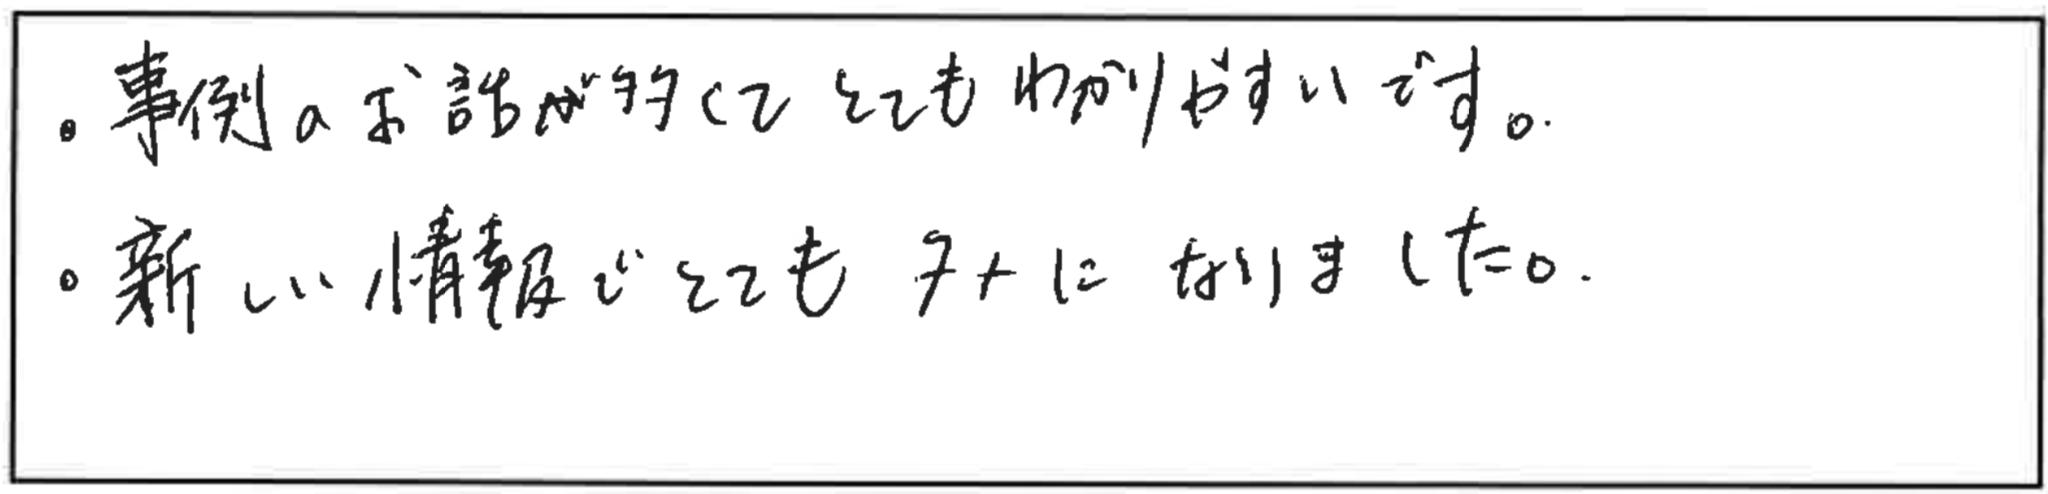 吉澤塾 半年コースの参加者の声画像203